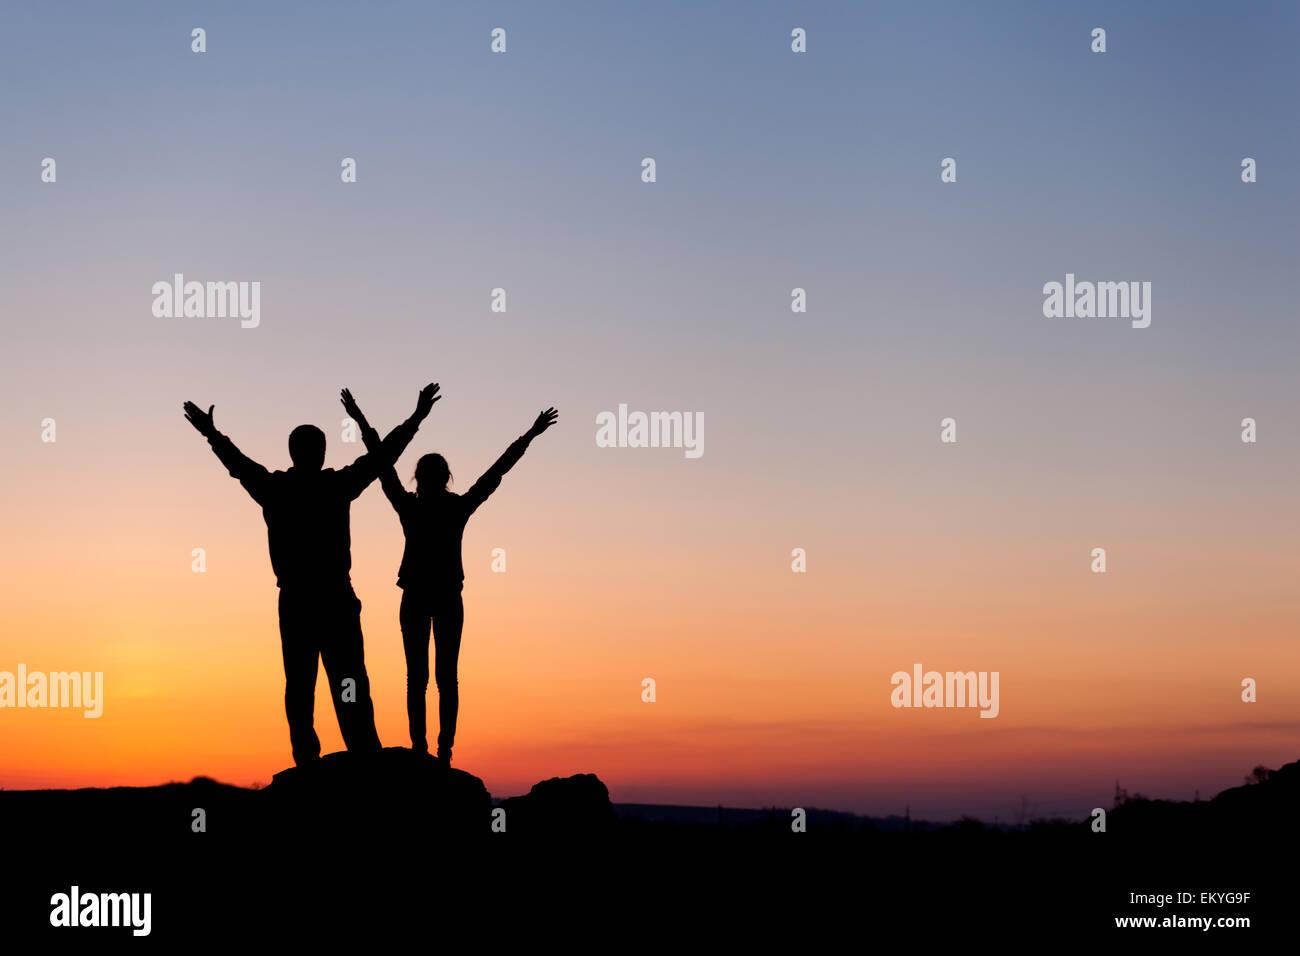 Silhouette di felicità famiglia con bracci sollevati fino contro il bellissimo cielo colorati. Tramonto d'estate. Immagini Stock